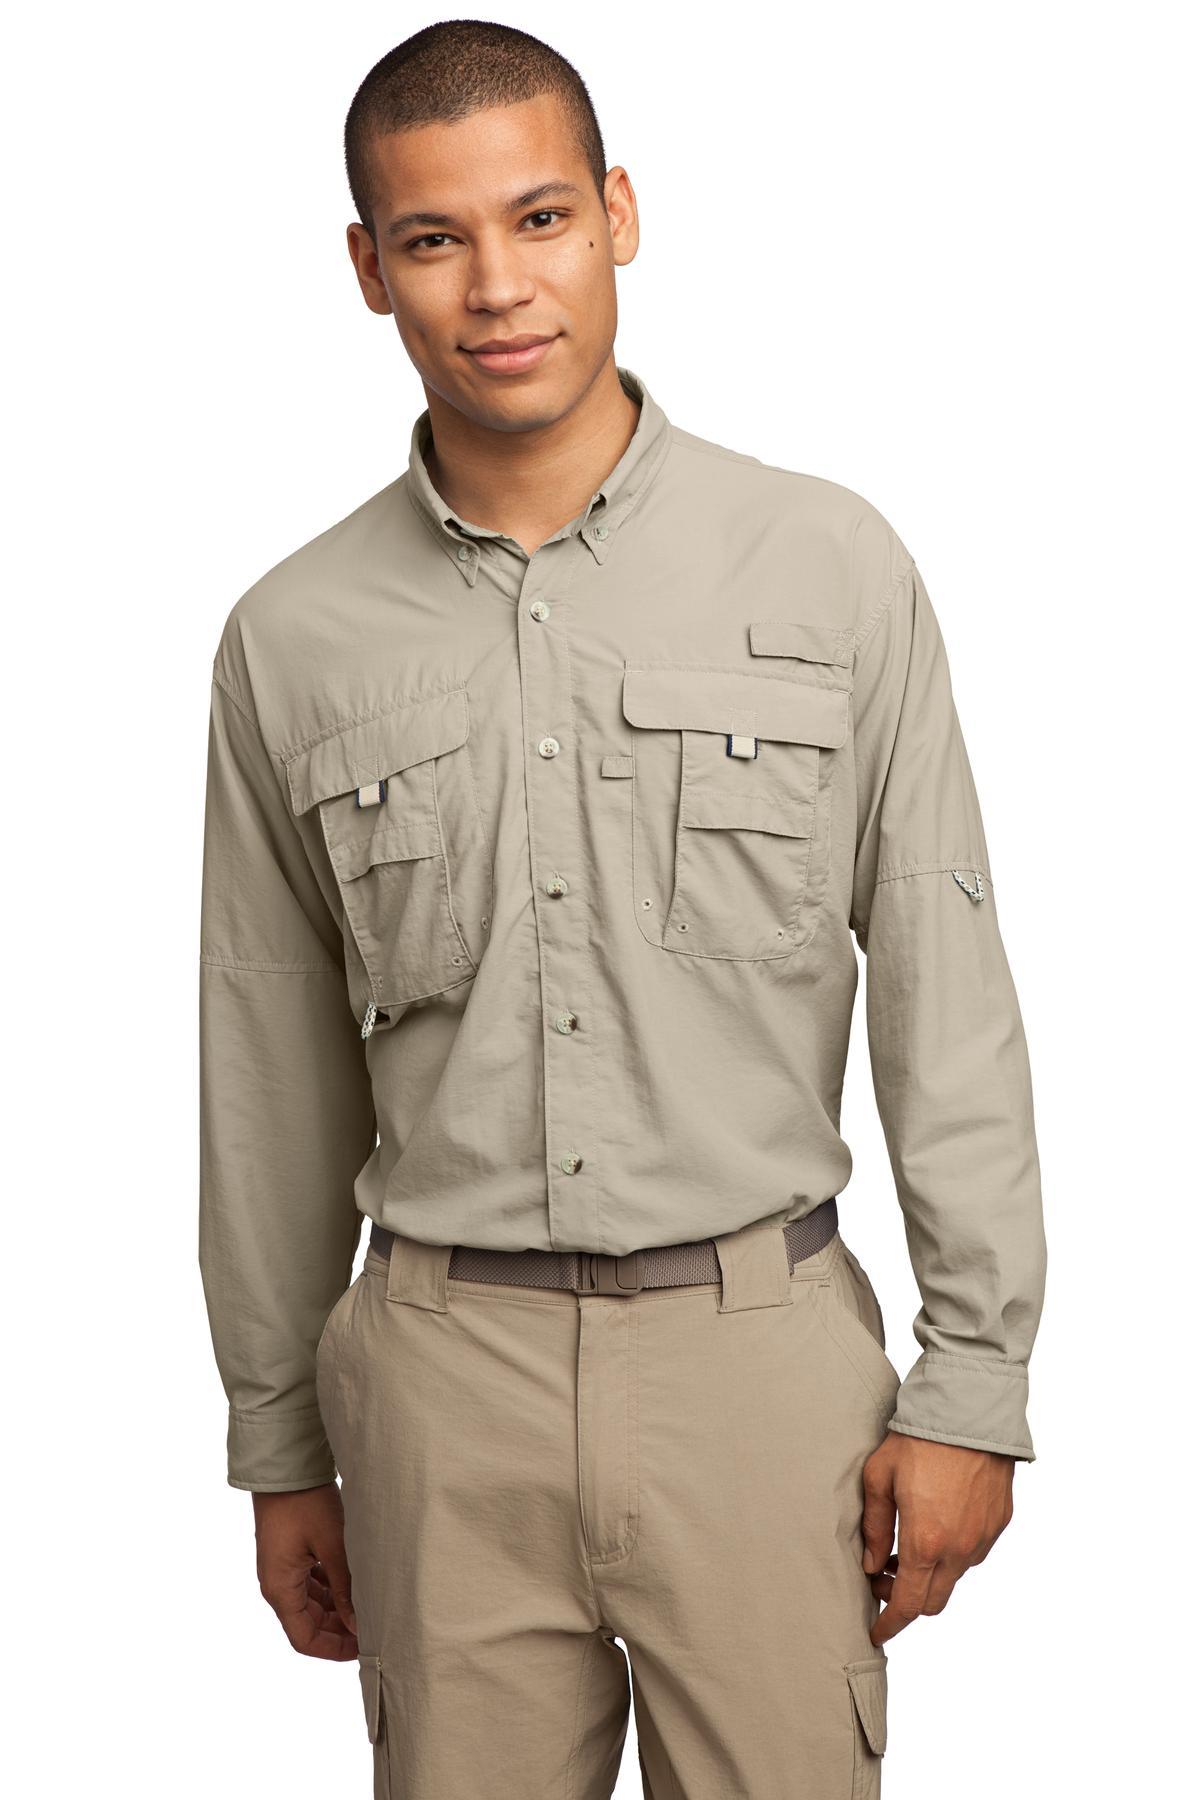 CLOSEOUT Port Authority  Explorer  S200 - Shirt